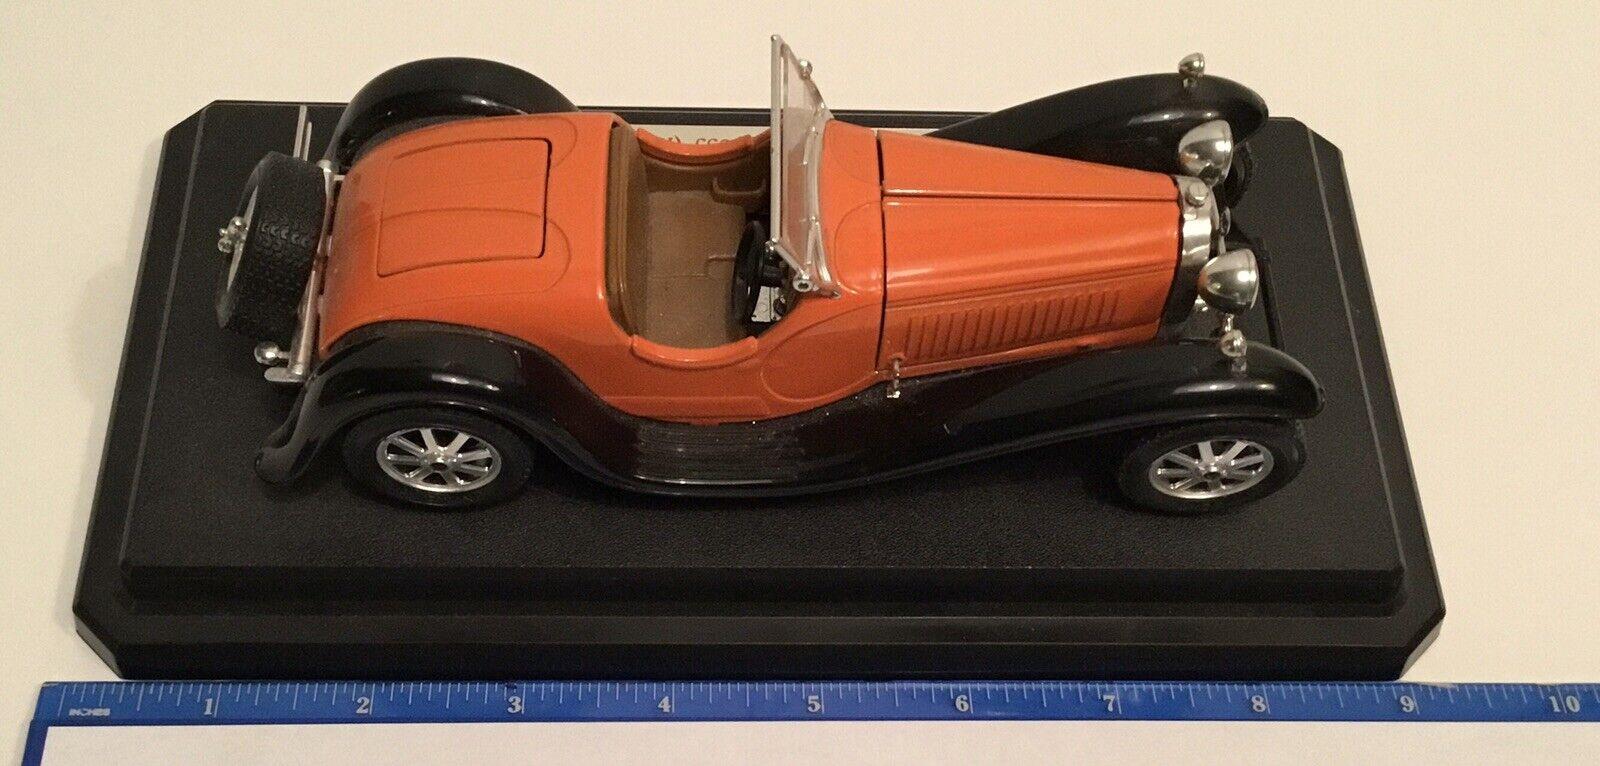 Bugatti 55 coupe 1932 jean bugatti vroom has mount unpainted kit 1//43